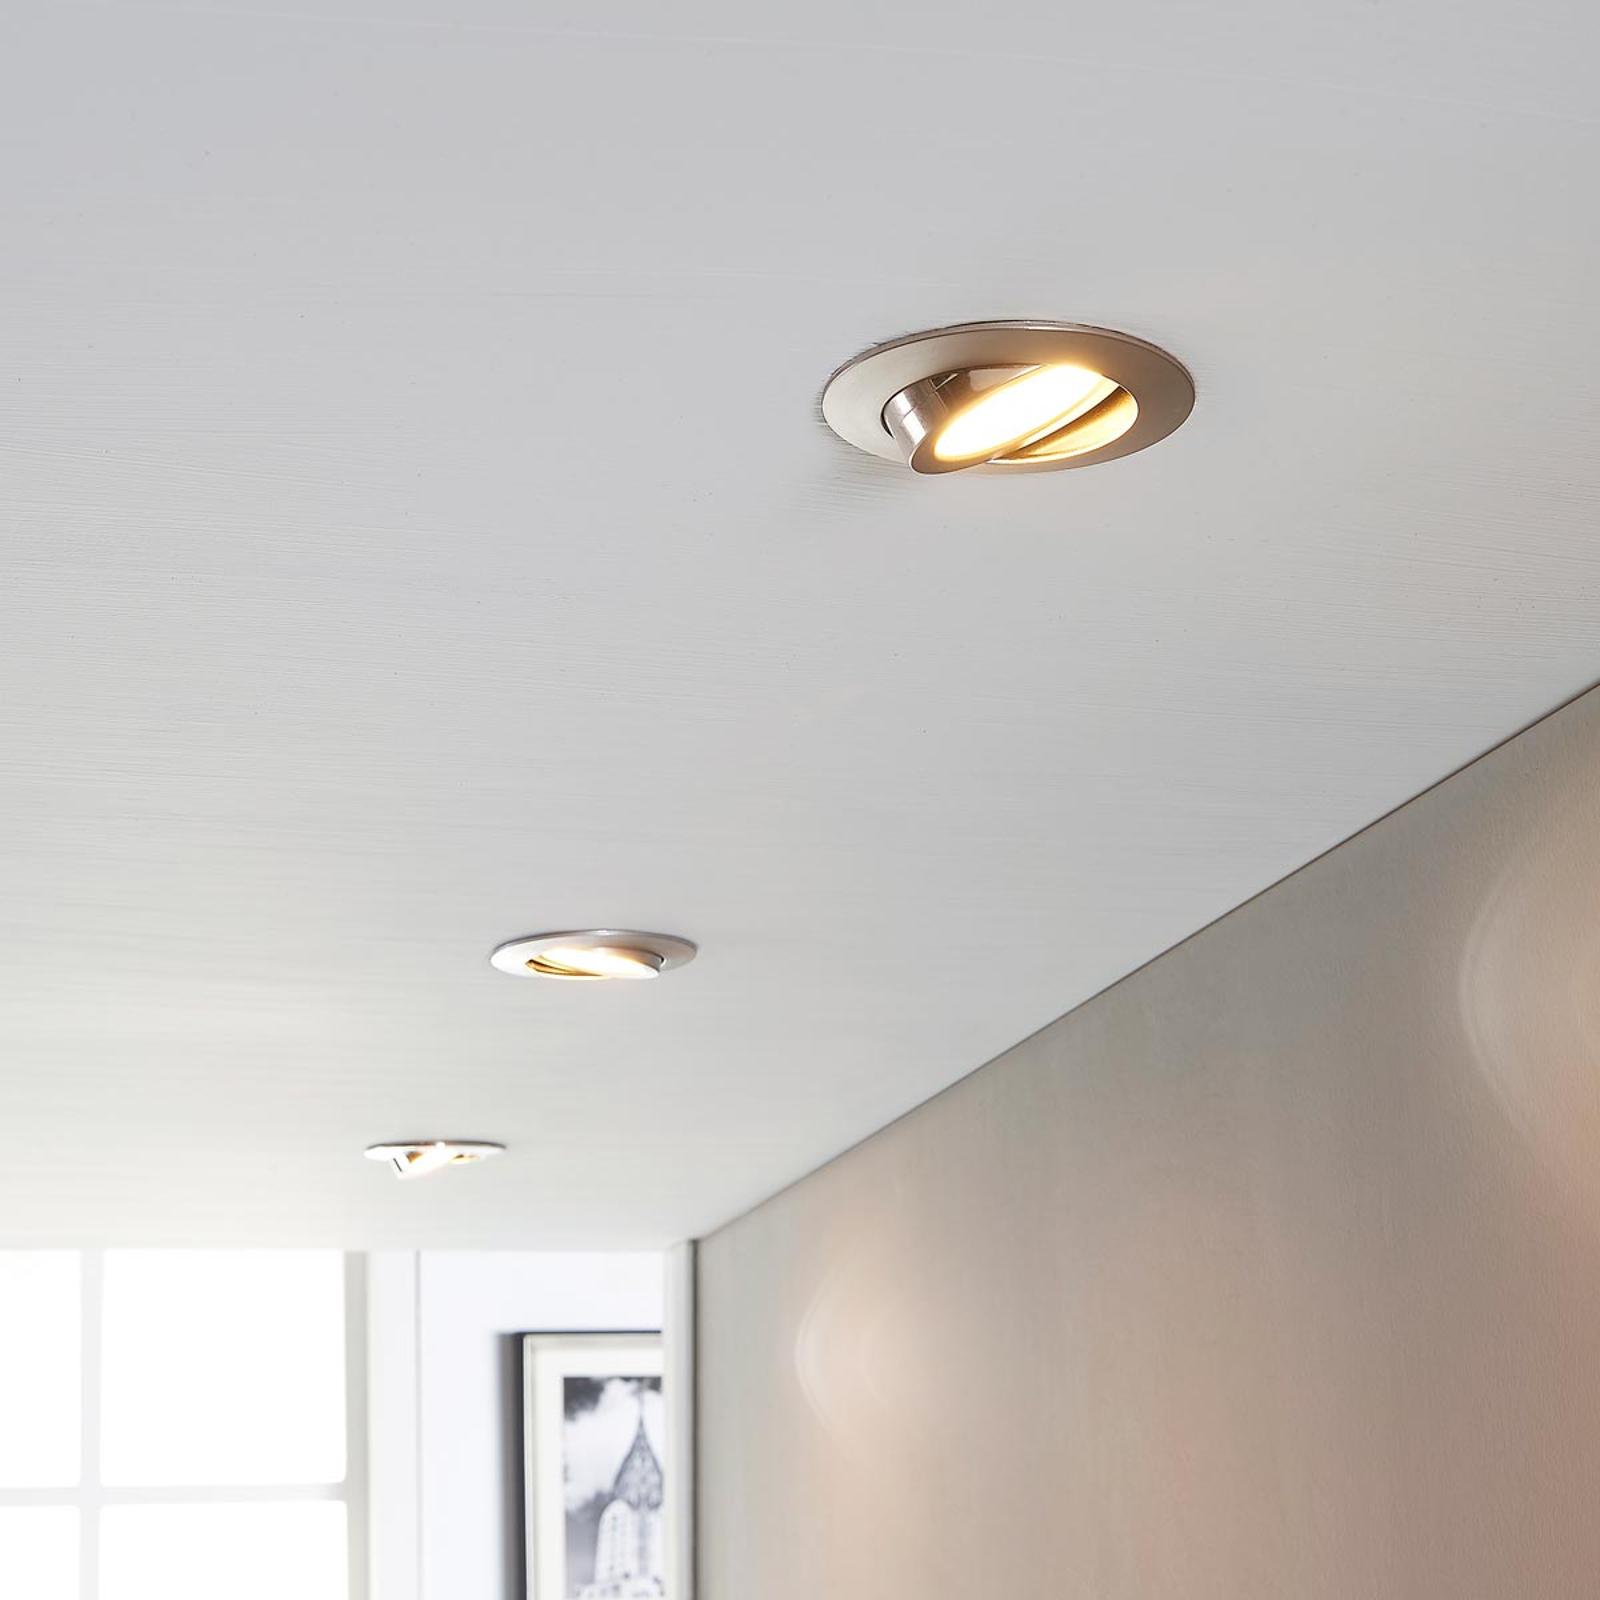 LED-kohdevalaisin Andrej, pyöreä, nikkeli, 3-sarja